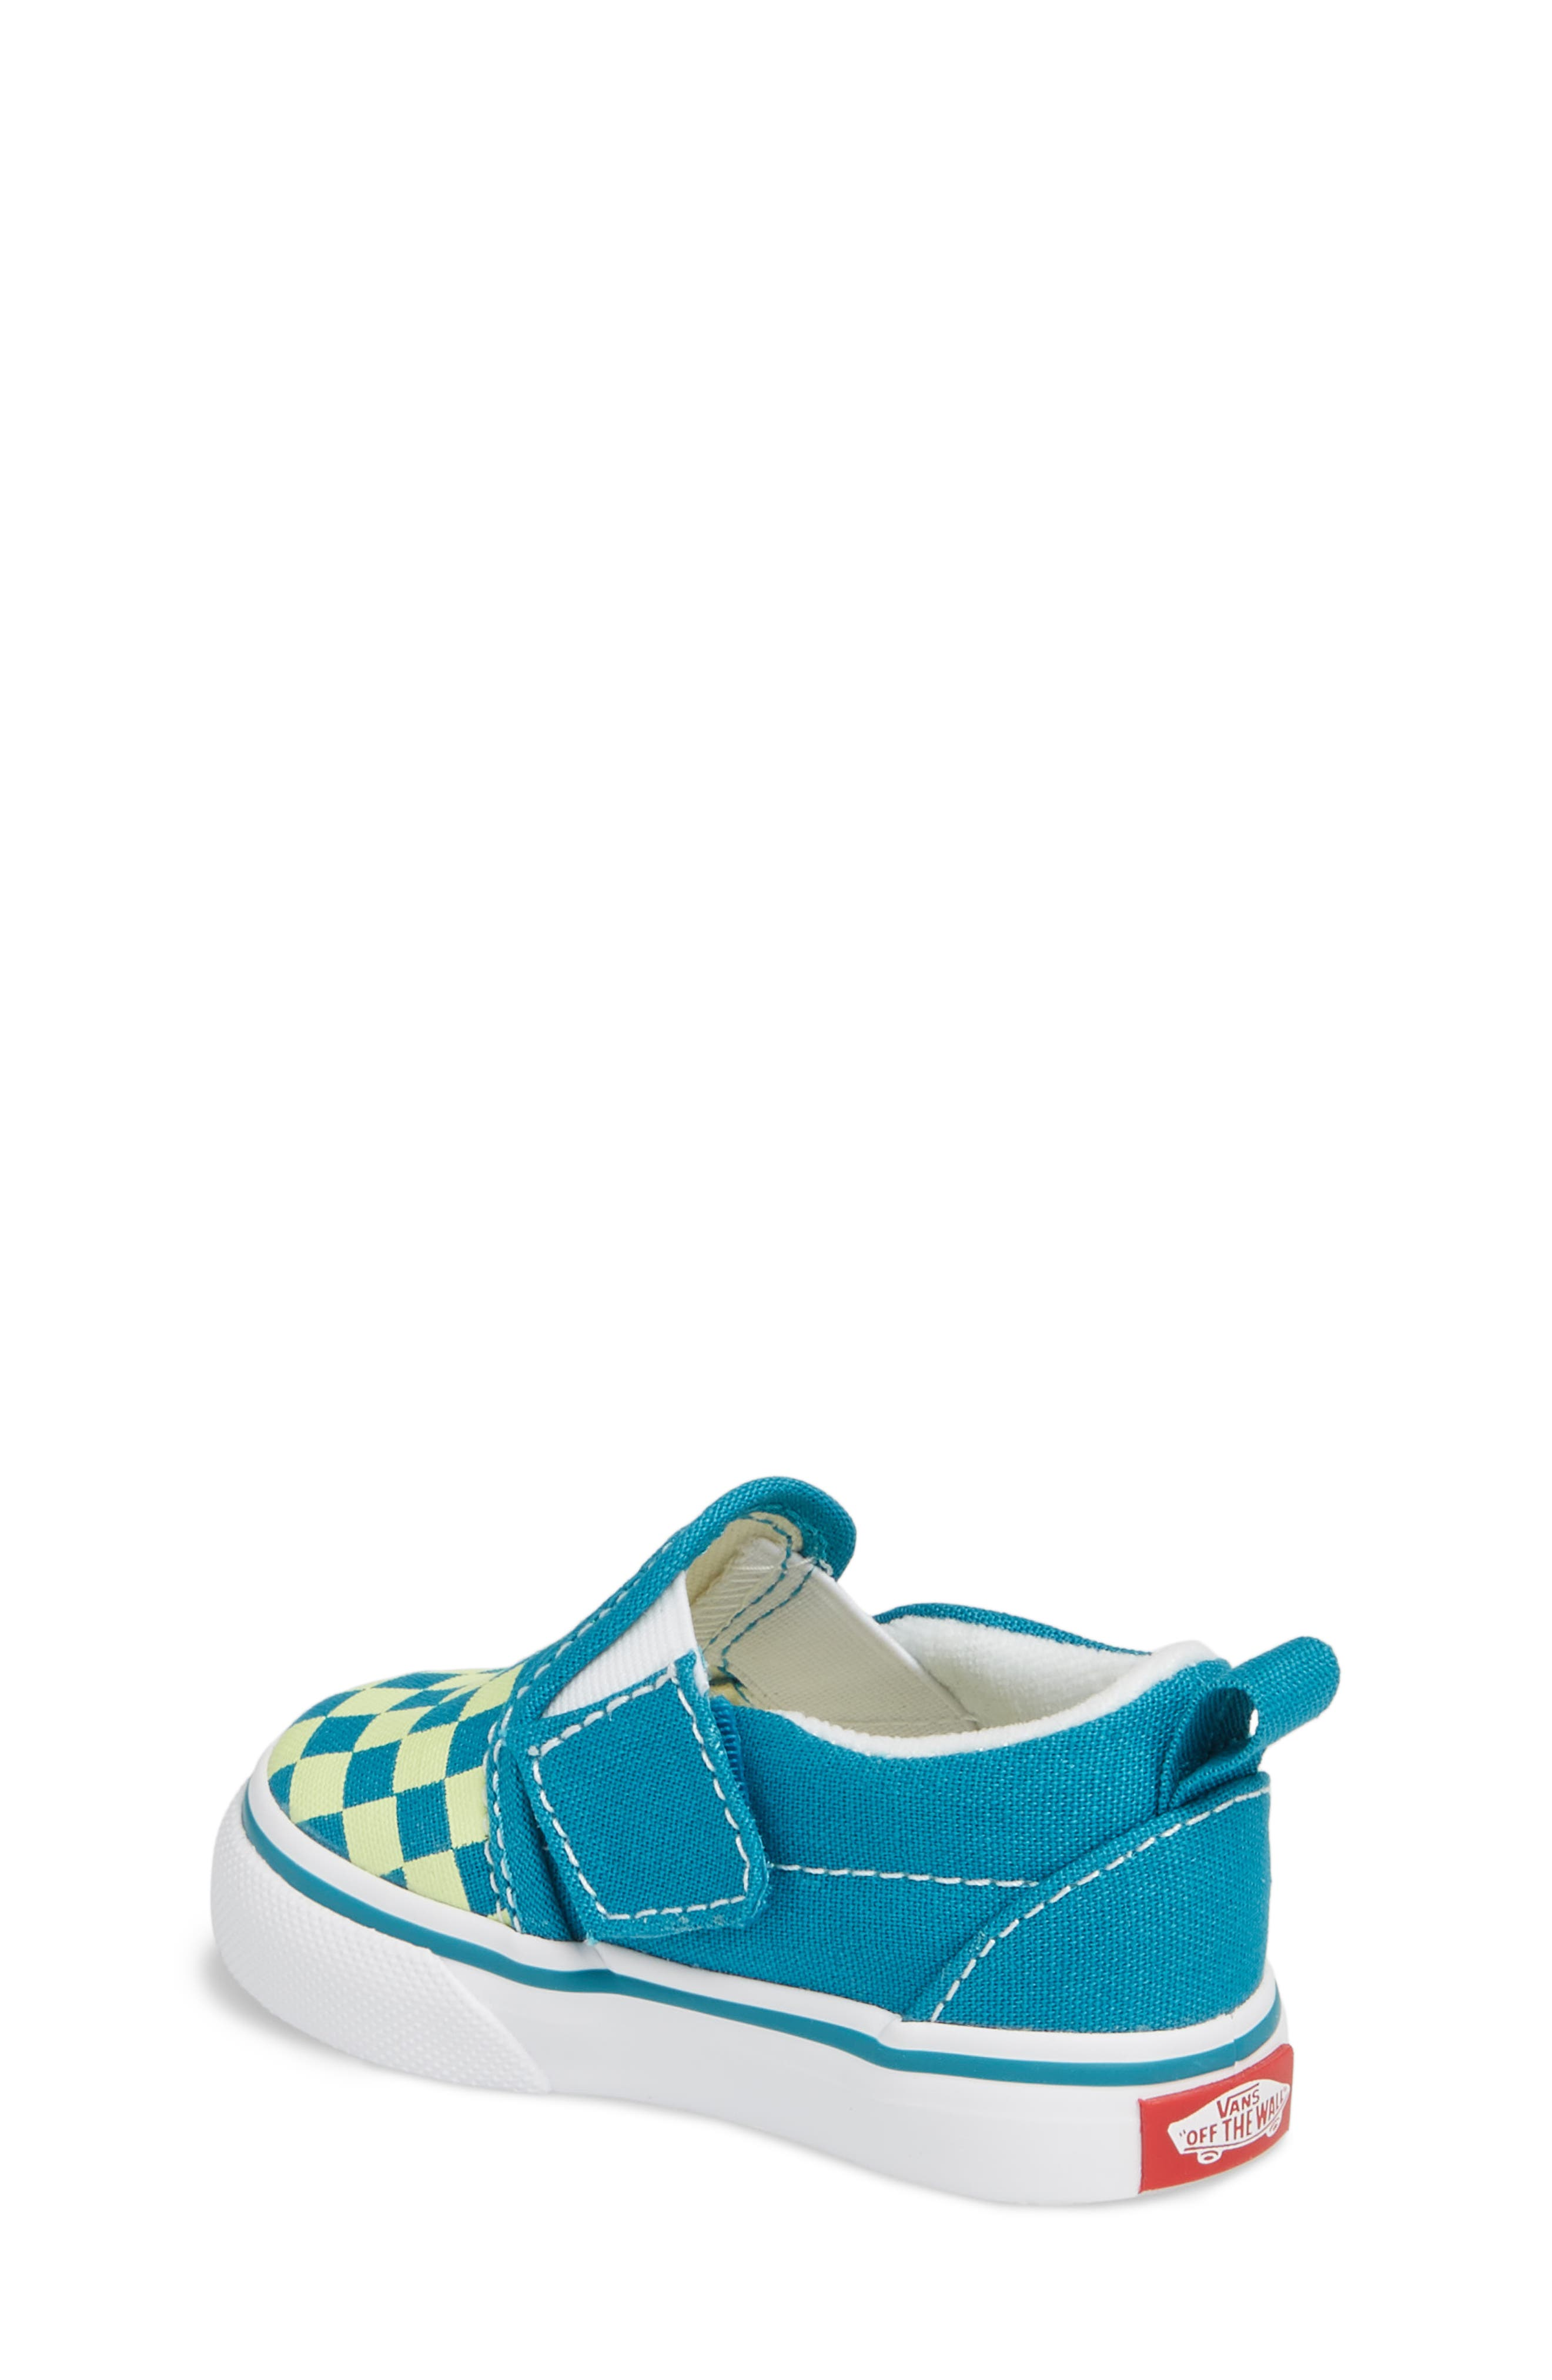 Slip-On Crib Shoe,                             Alternate thumbnail 2, color,                             ENAMEL BLUE/ SHARP GREEN